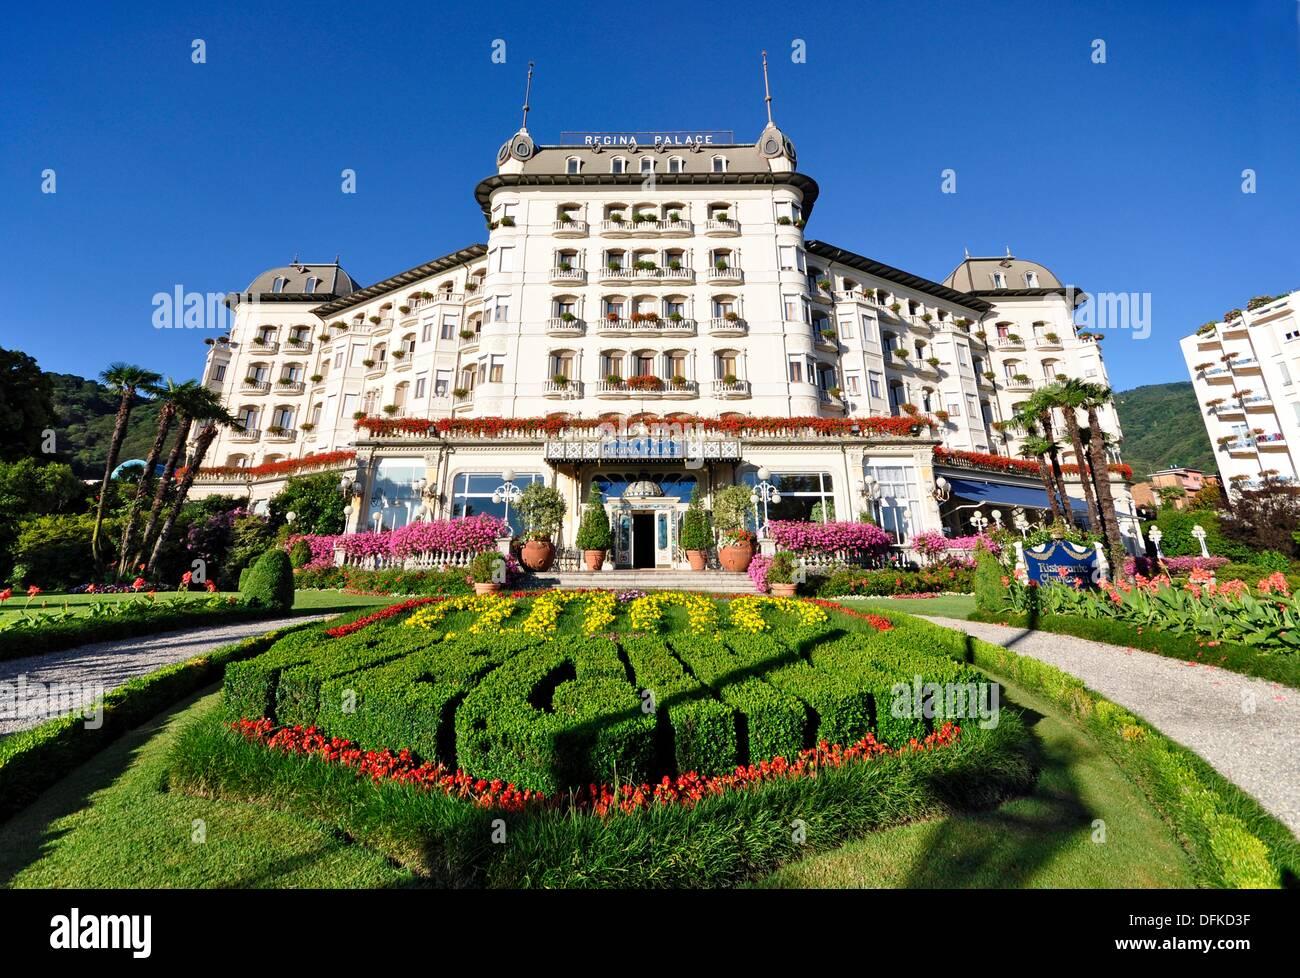 Regina palace hotel stresa lago maggiore italy stock for Designhotel lago maggiore